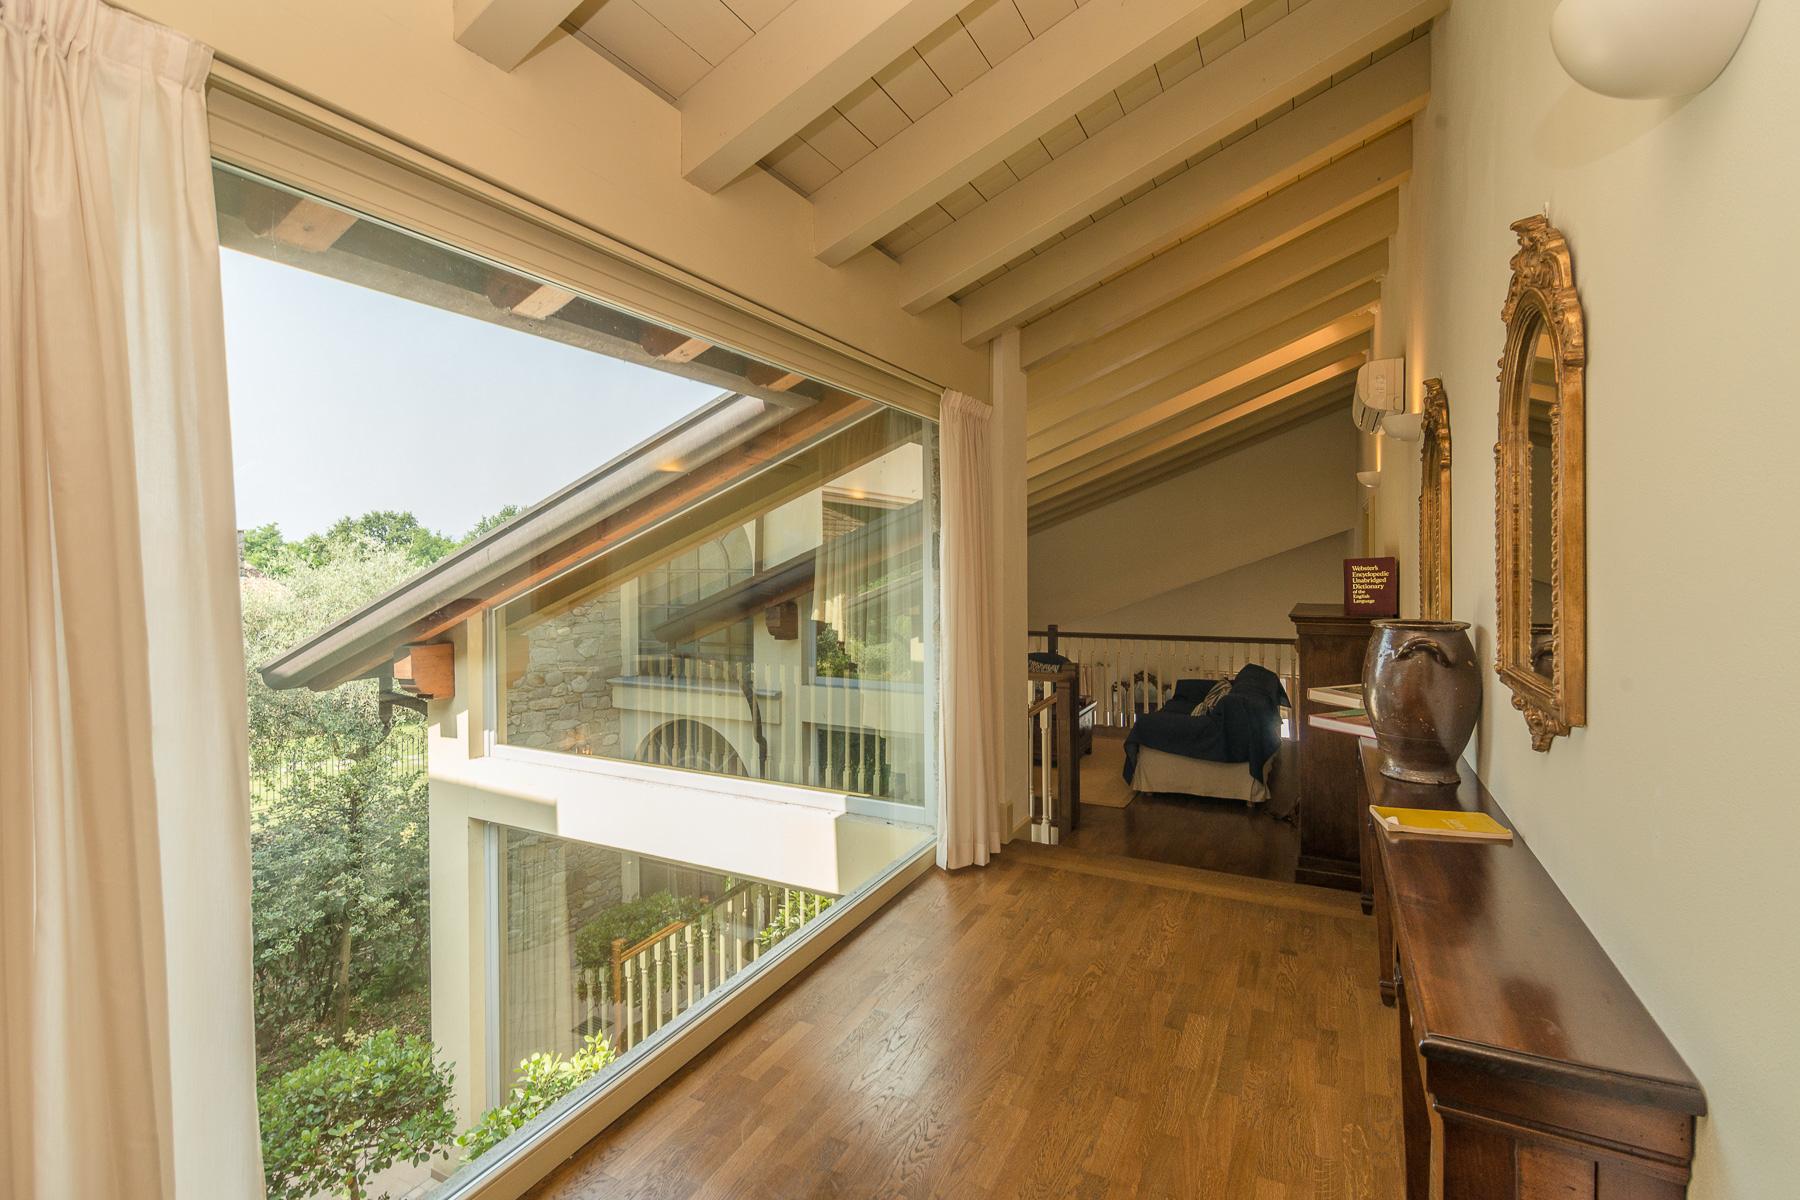 Villa in Vendita a Besozzo: 5 locali, 426 mq - Foto 17